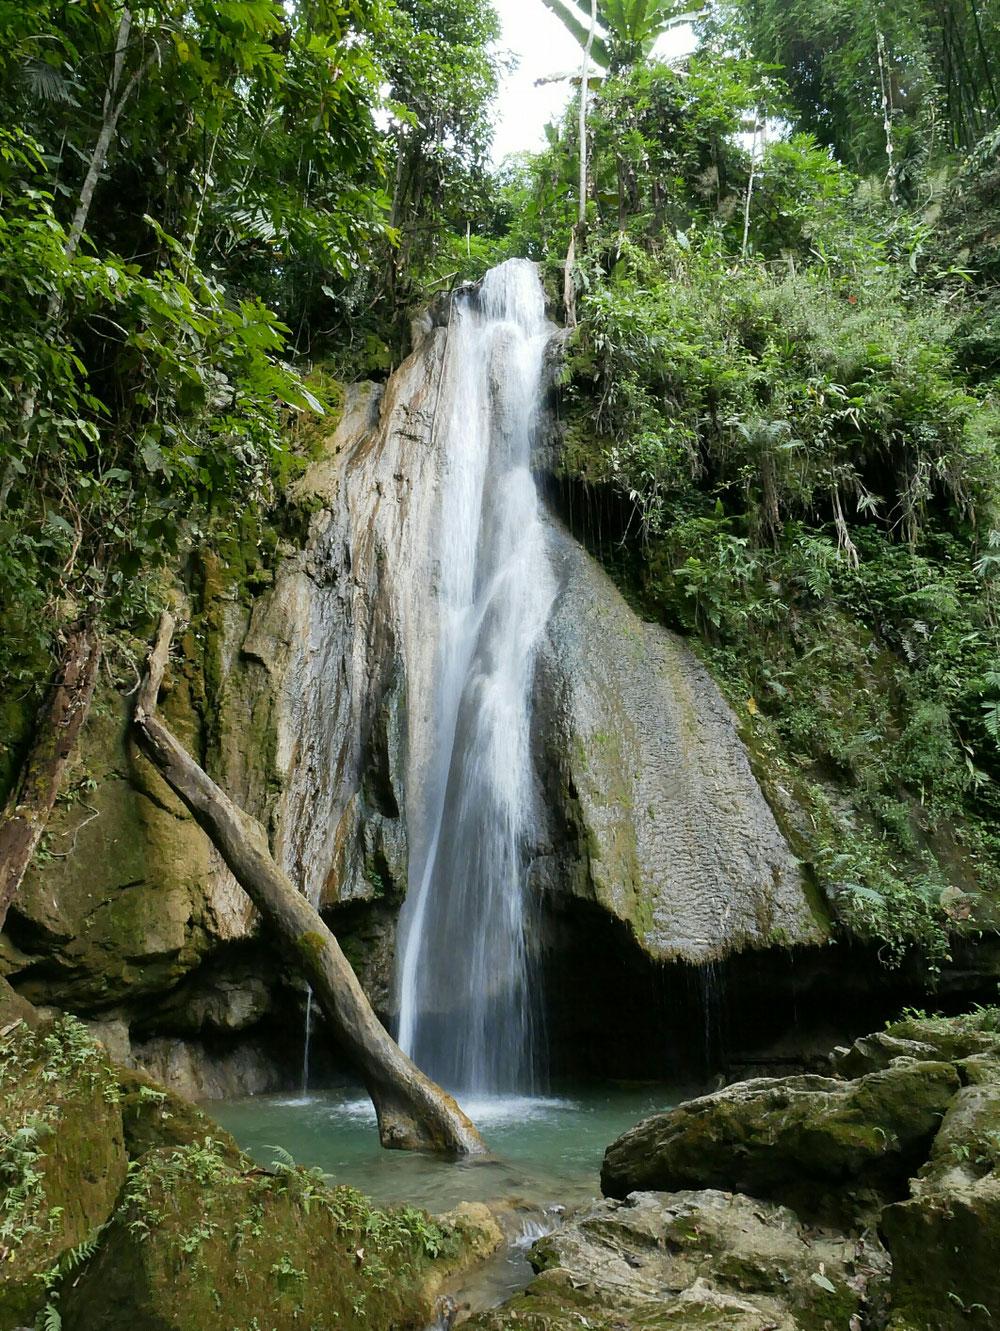 """Mitten im Dschungel dieser Anblick - im """"Pool"""" gab es außerdem ein erfrischenden Bad"""